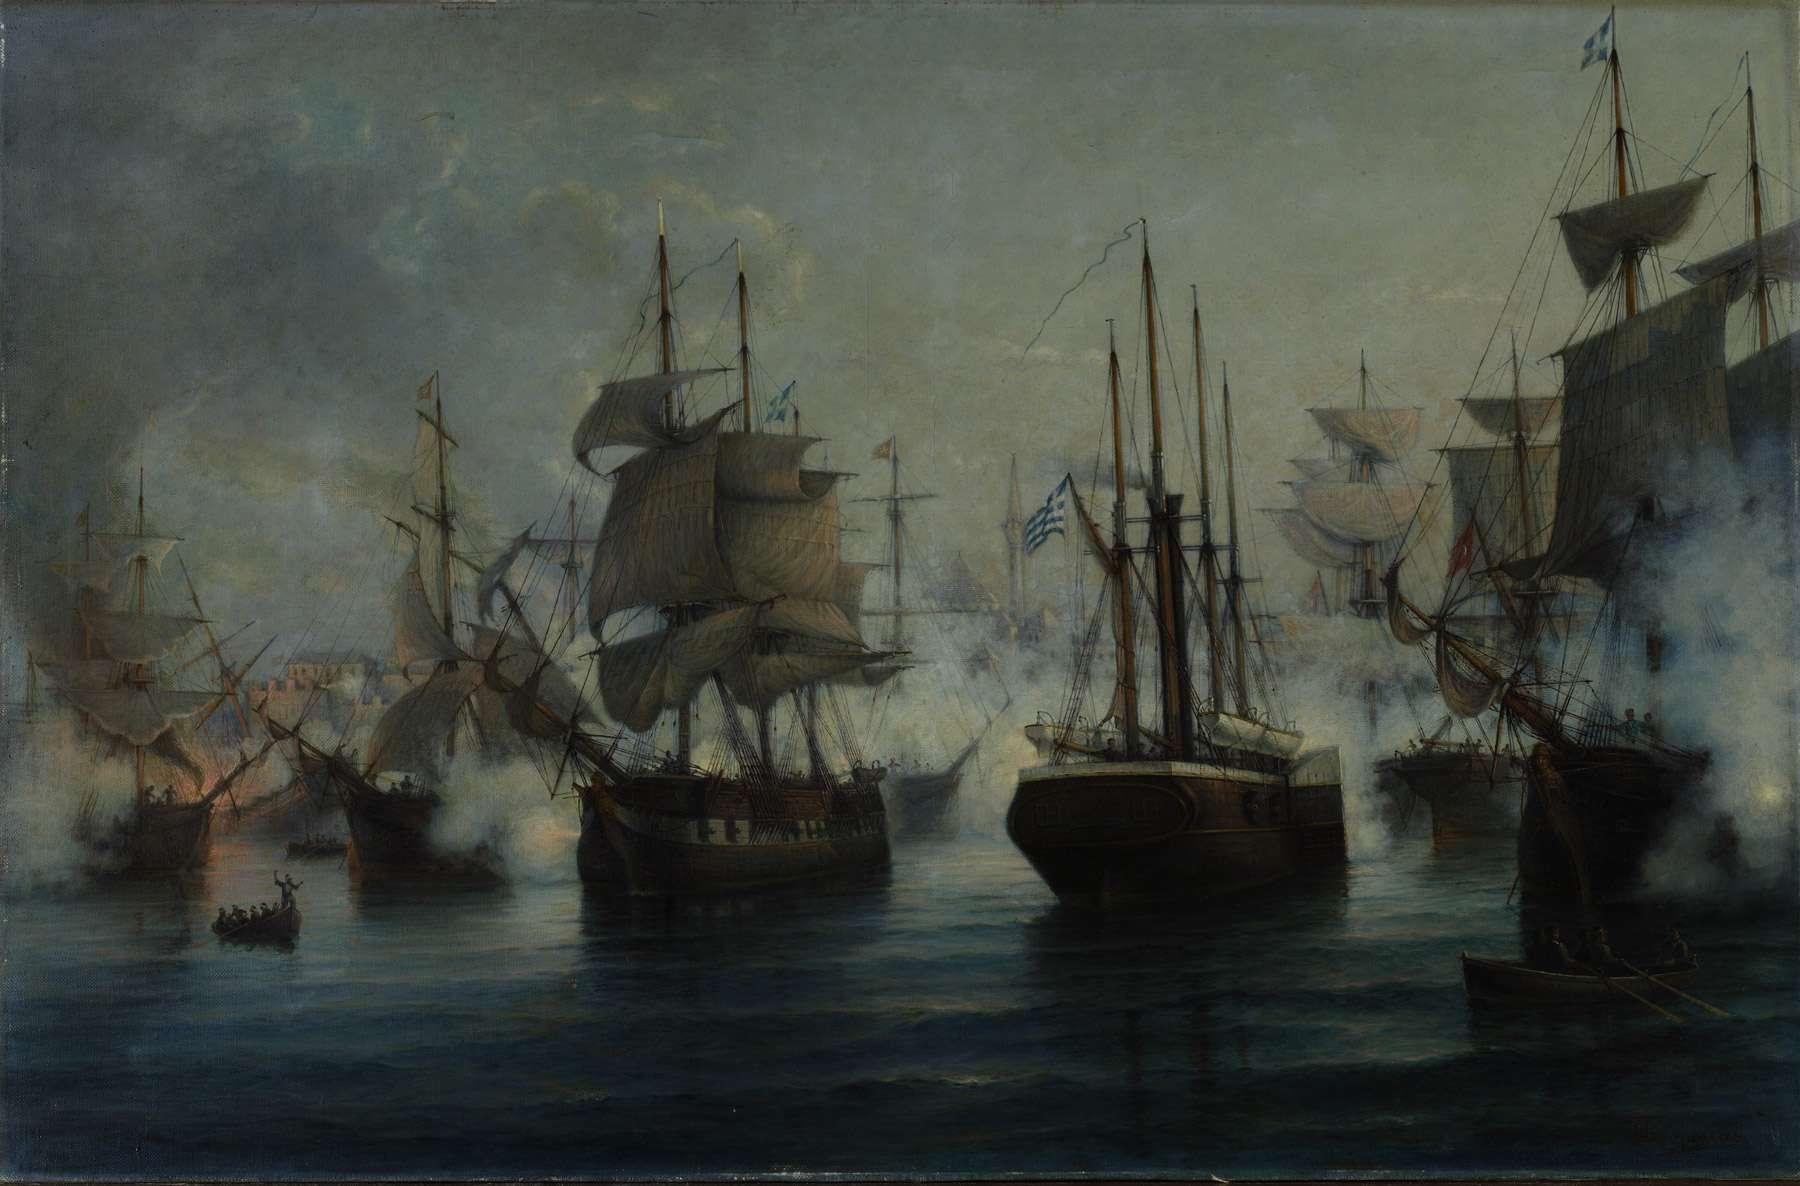 Η Καρτερία στη ναυμαχία της Ιτέας (μέσον-δεξιά). Όπως φαίνεται στον πίνακα πηγαίνει ενάντια στον άνεμο, λόγω της ατμοκίνησης, σε αντίθεση με τα άλλα δύο ελληνικά πλοία που είναι δίπλα.